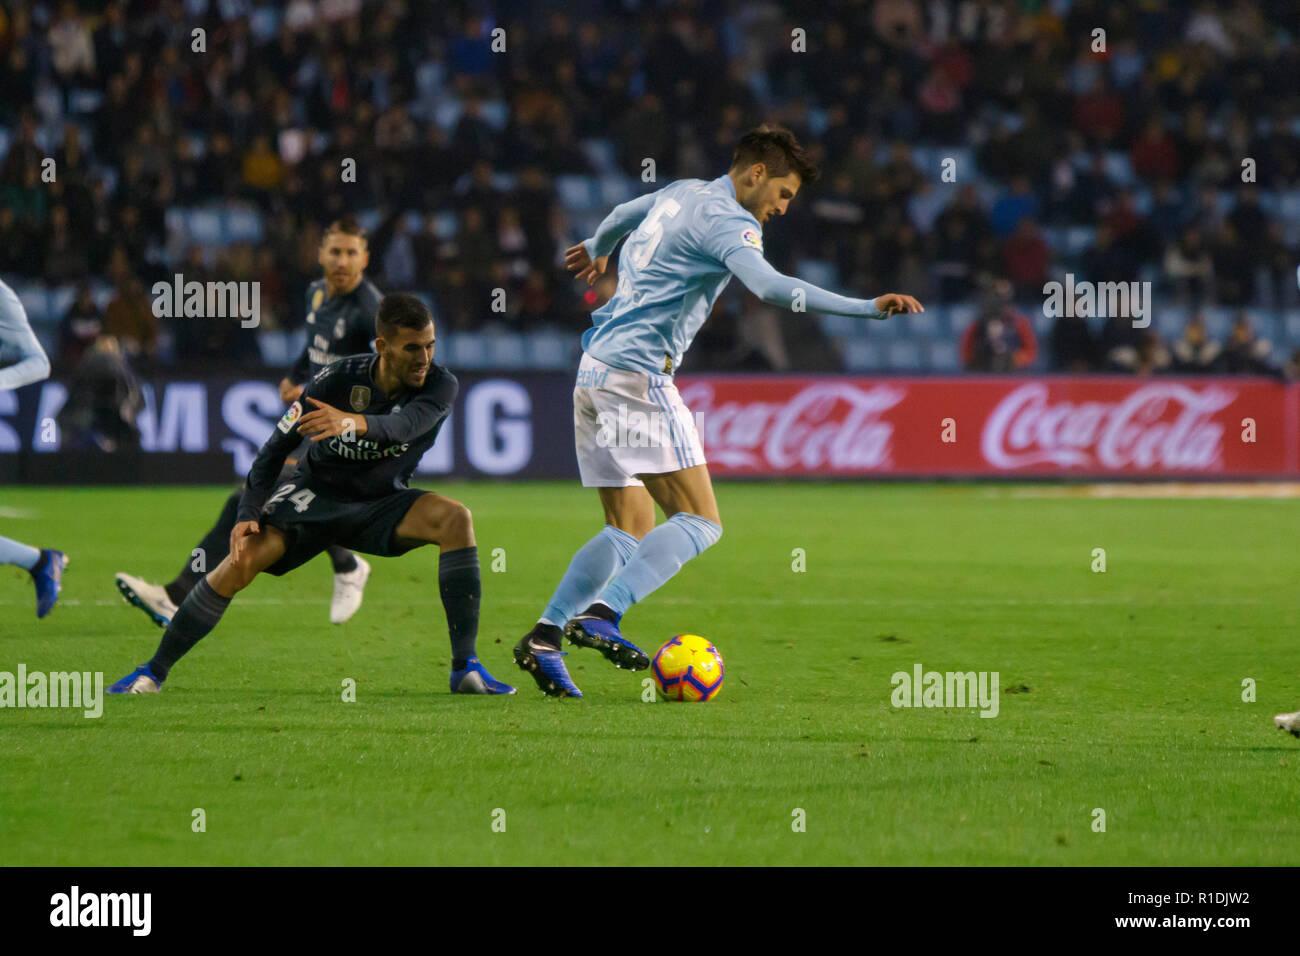 Vigo; Spain. 11 Nov; 2018. La Liga match between Real Club Celta de Vigo and Real Madrid in Balaidos stadium; Vigo; score 2-4. Credit: Brais Seara/Alamy Live News - Stock Image